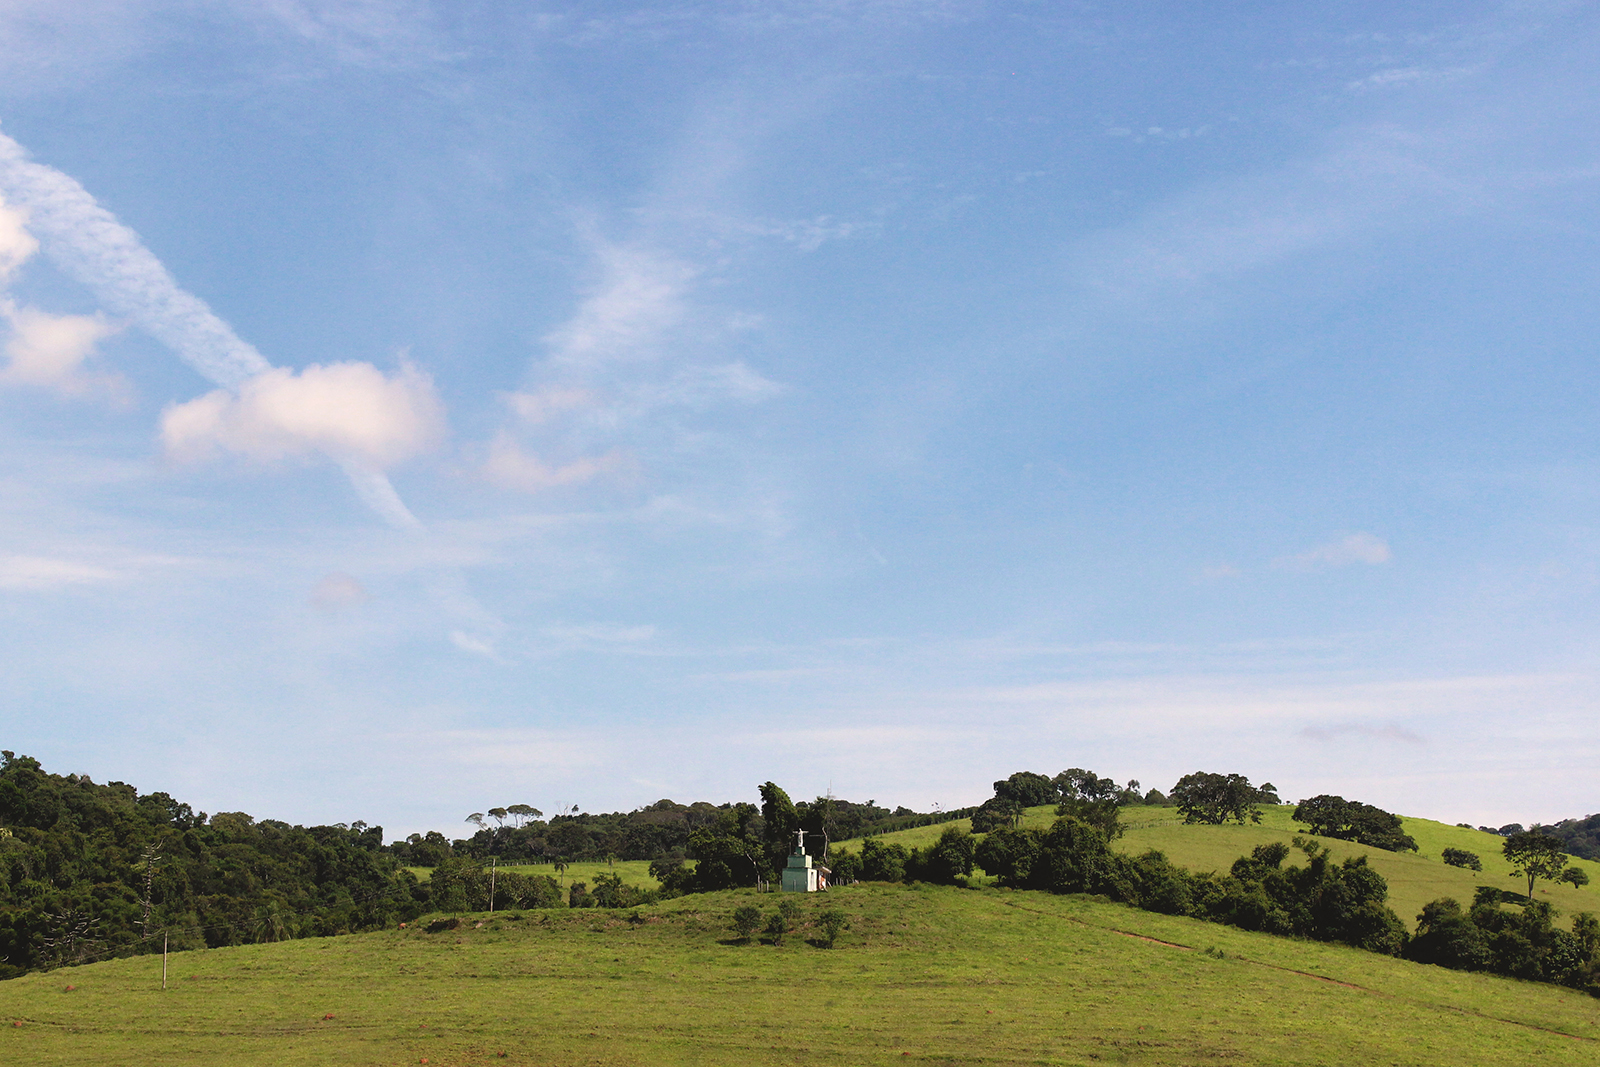 estátua no meio do nada